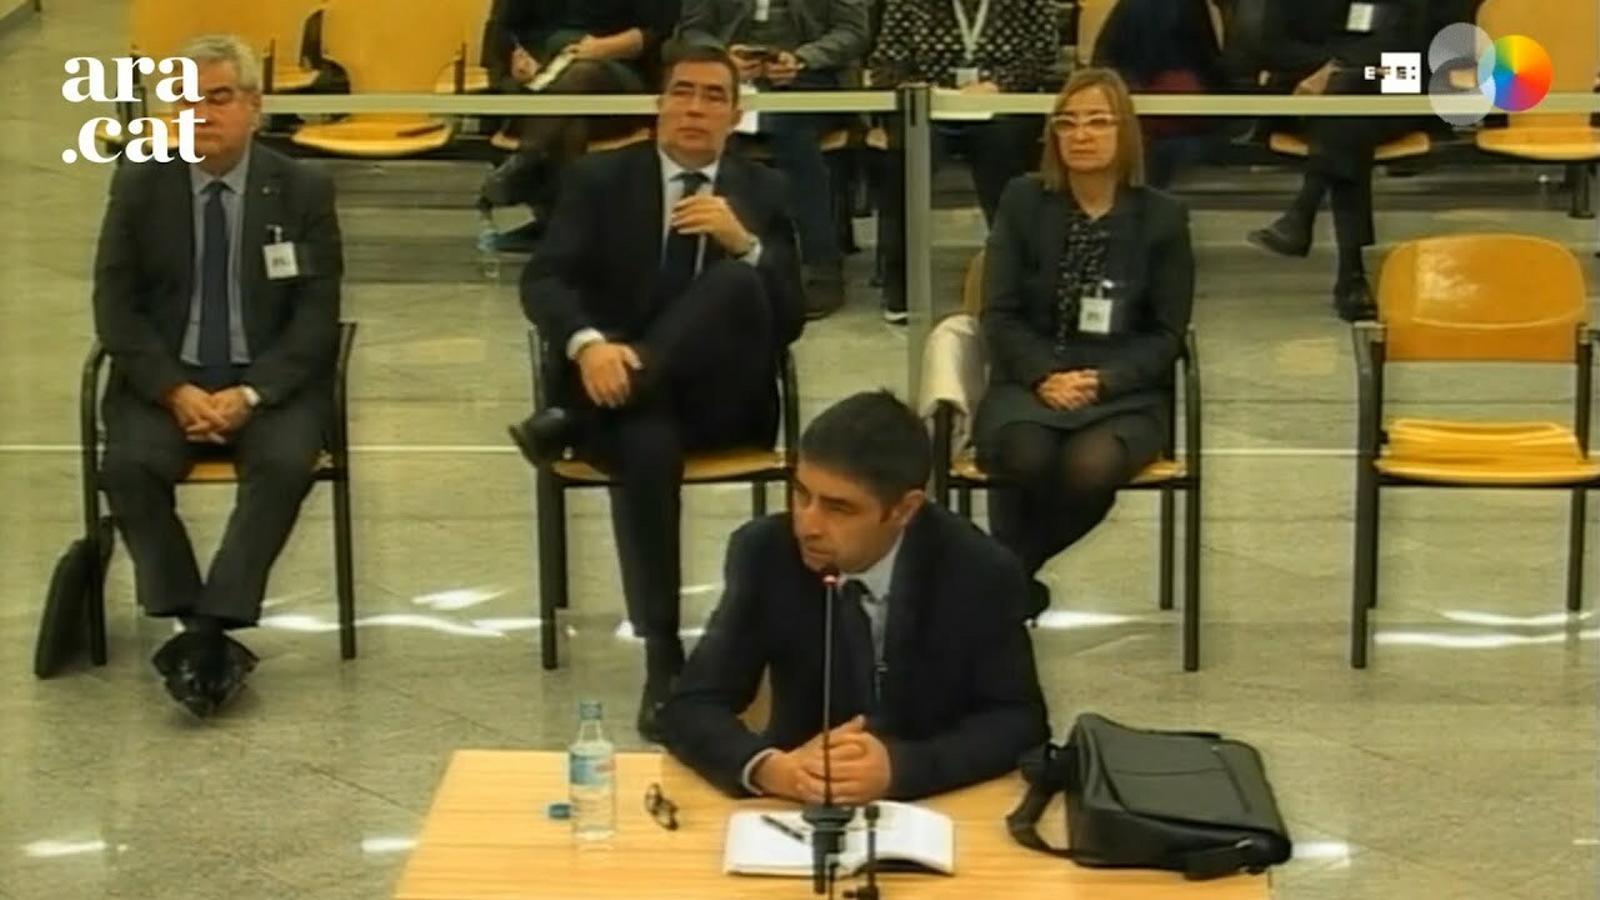 """Trapero: """"Provoca tristesa estar imputat per sedició havent fet la feina el millor que vaig poder"""""""